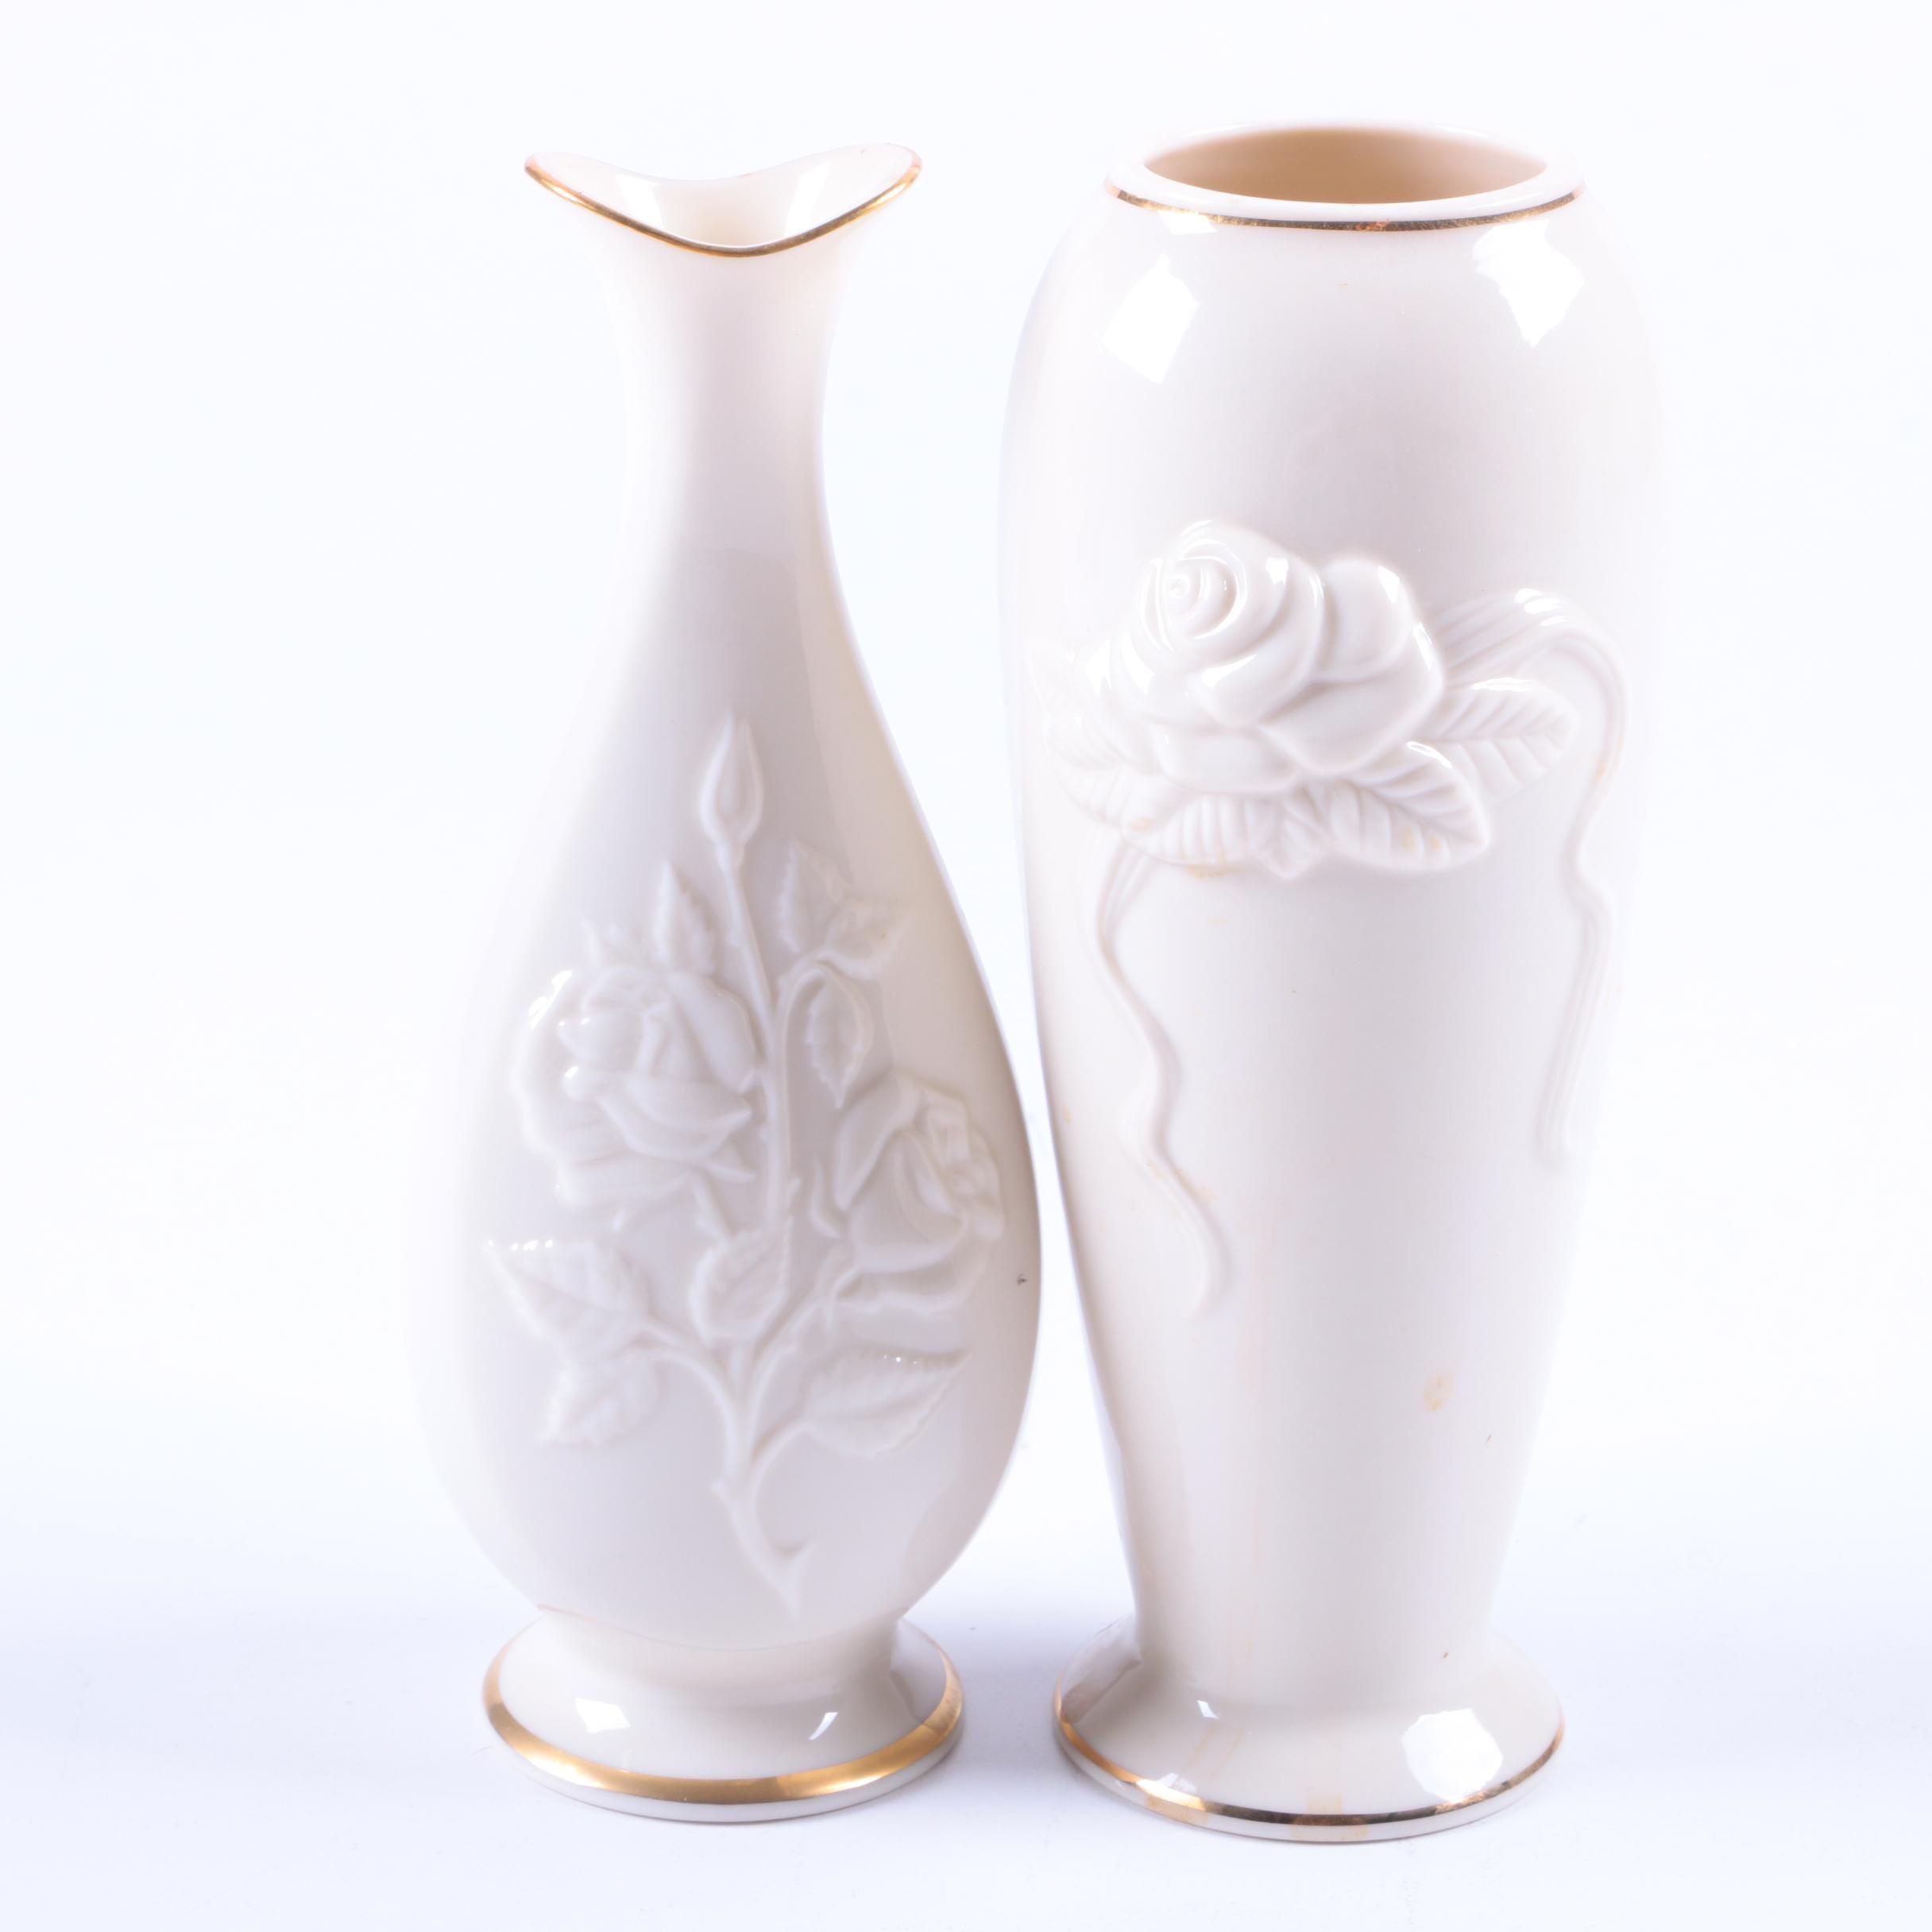 Lenox Porcelain Rose Motif Vases with 24 Karat Gold Trim